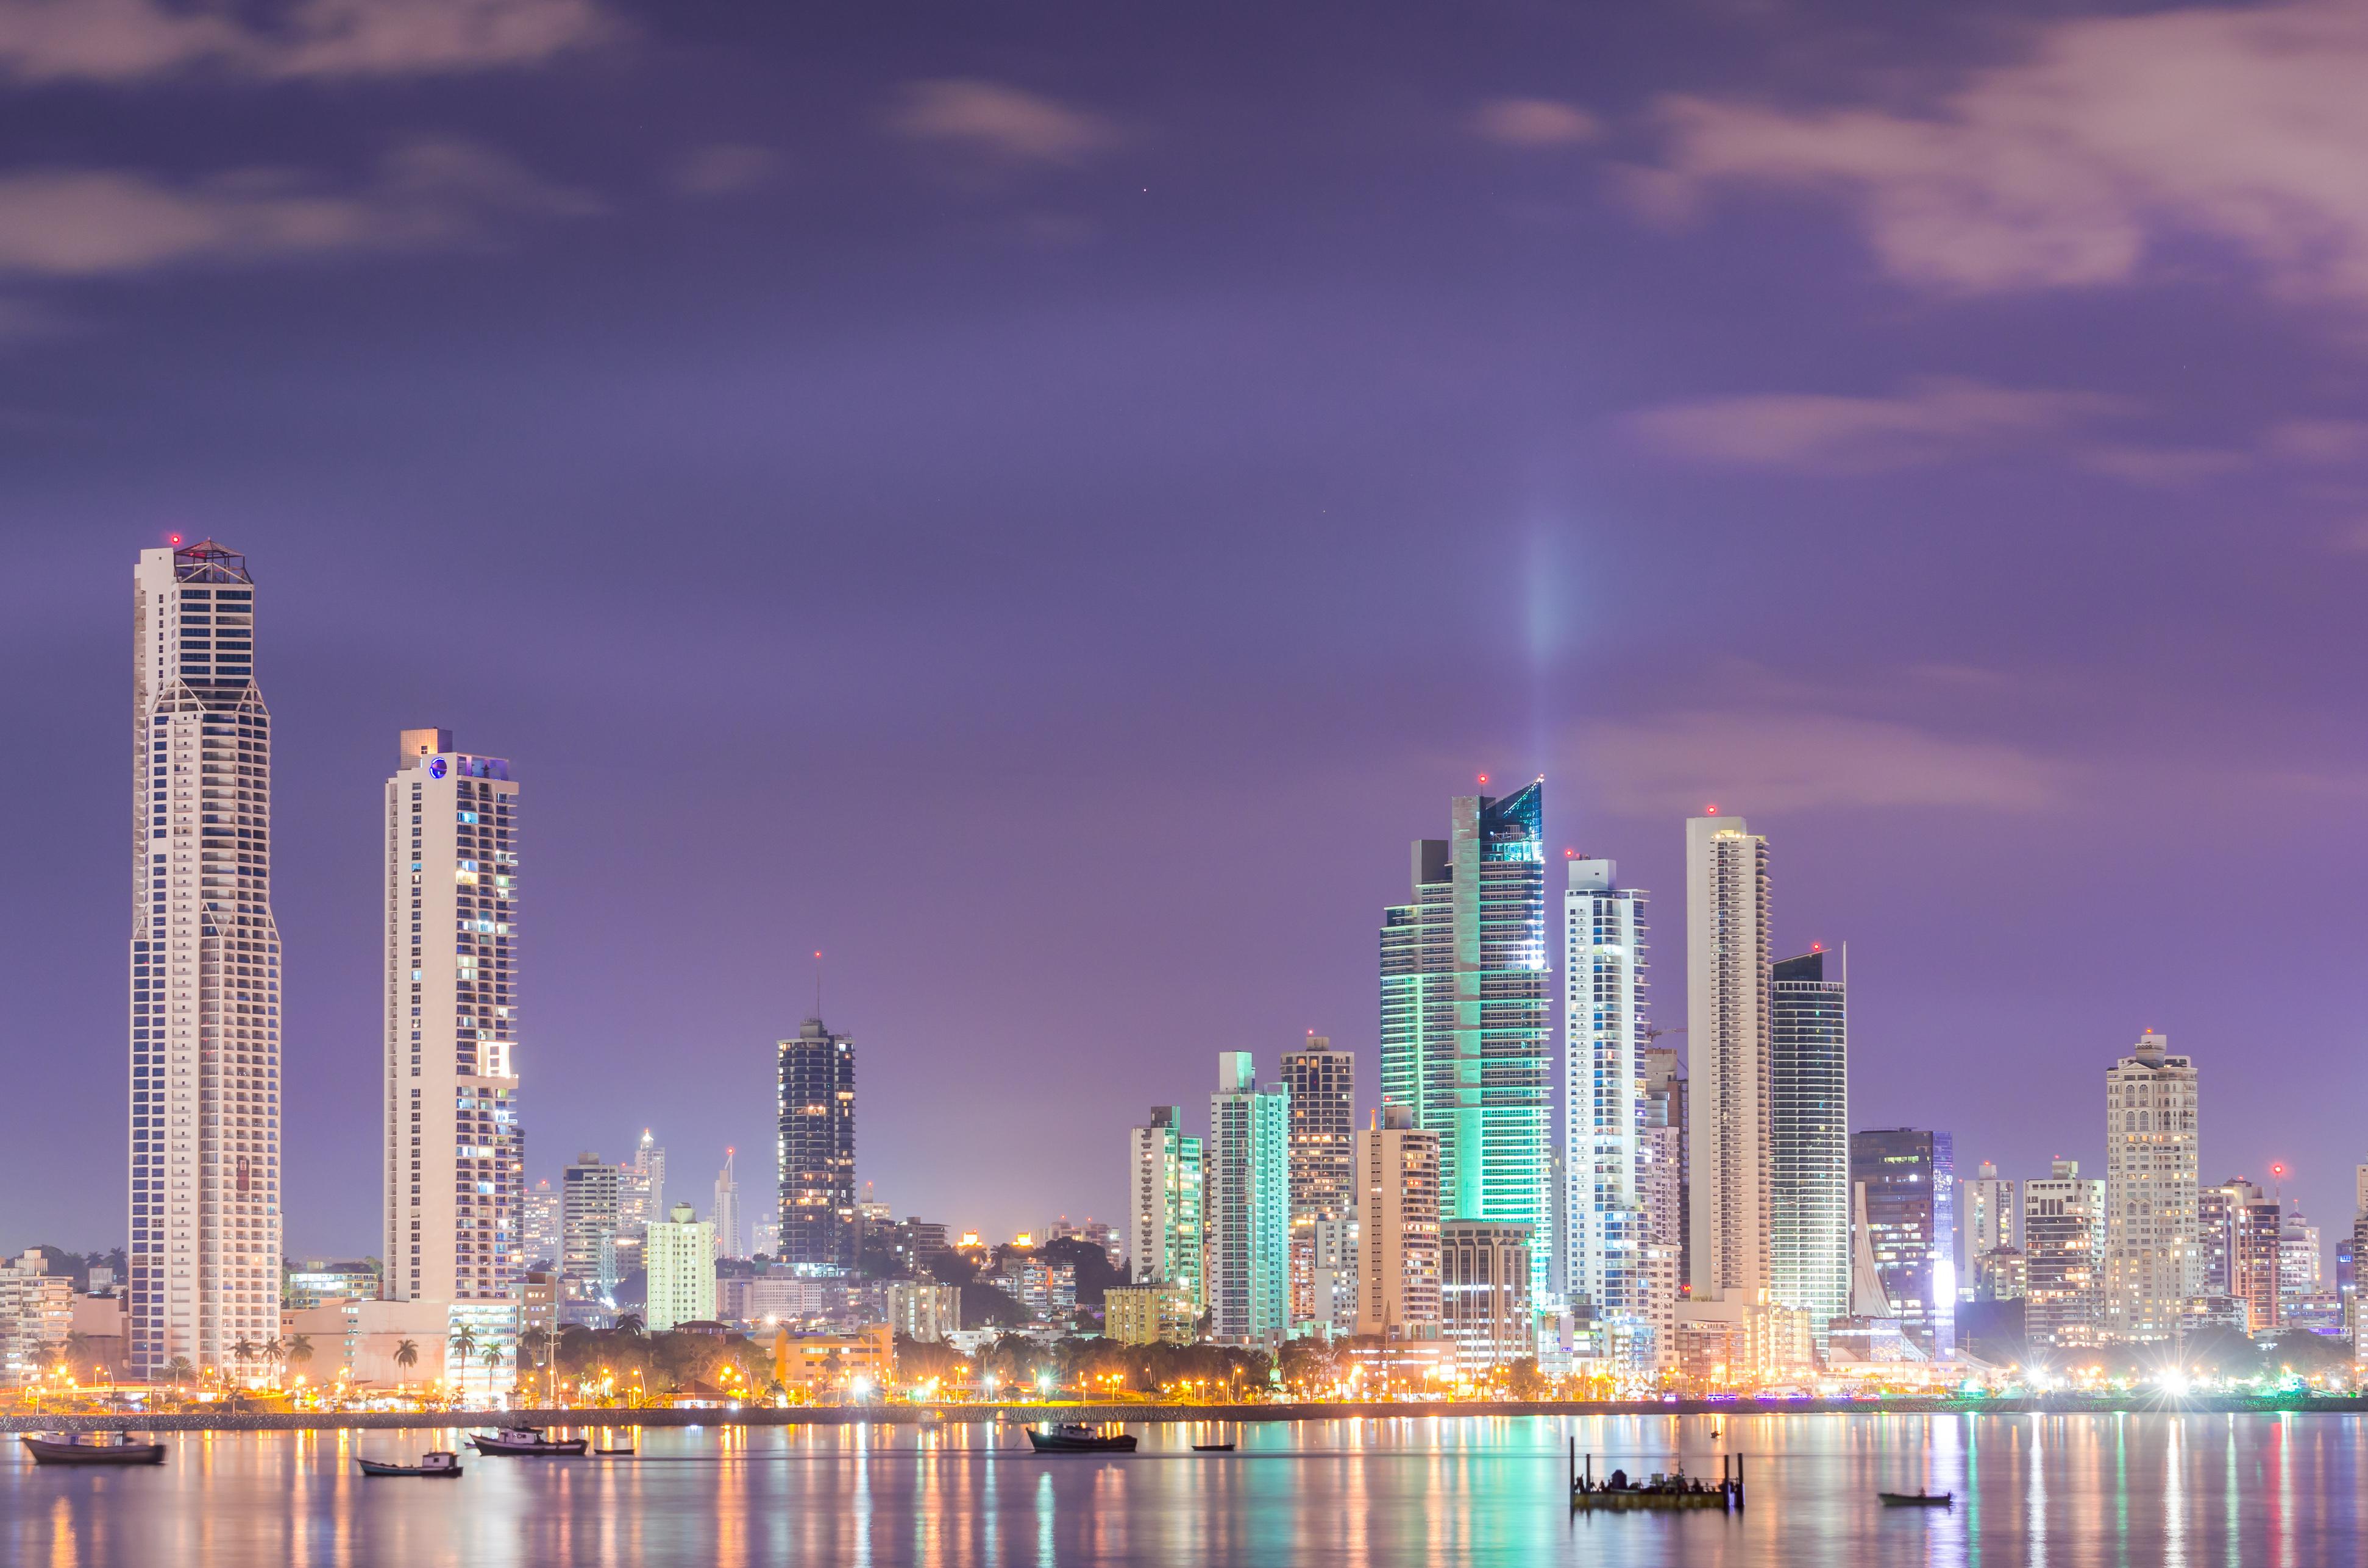 Panamá: Aumentan locales vacíos en centros comerciales ante la desaceleración